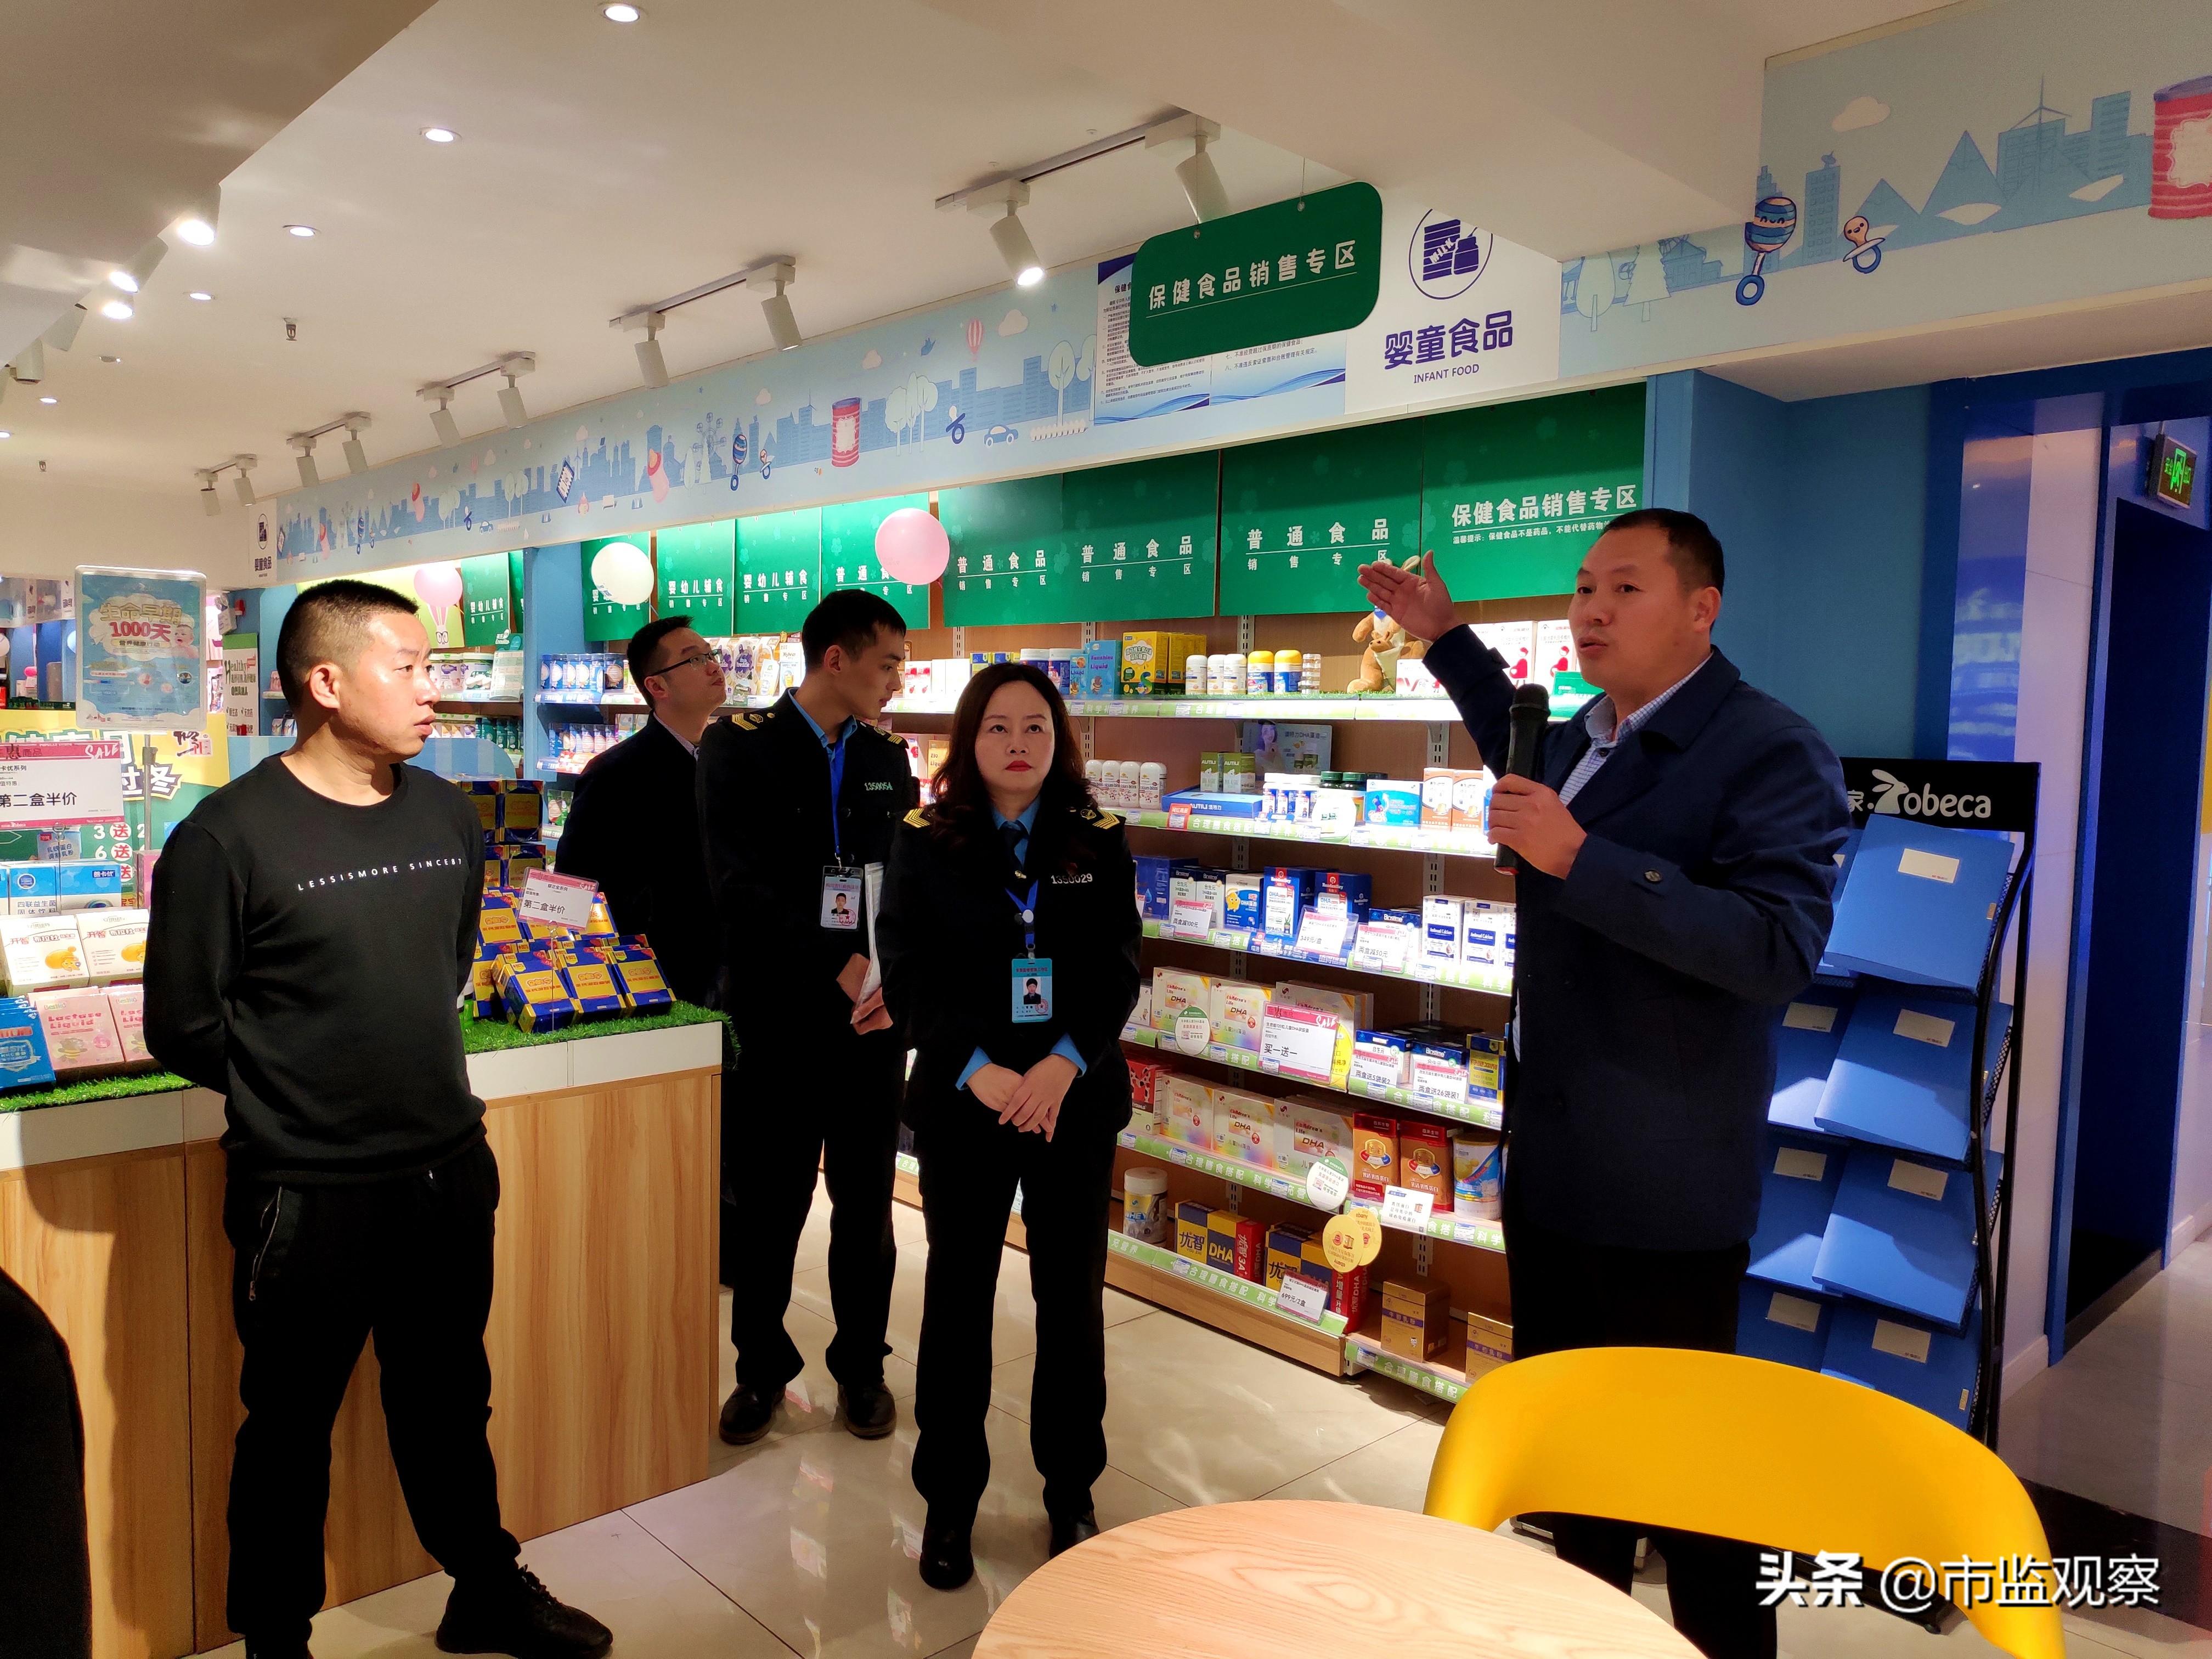 南充顺庆:以示范创建为引领 规范保健食品销售行为